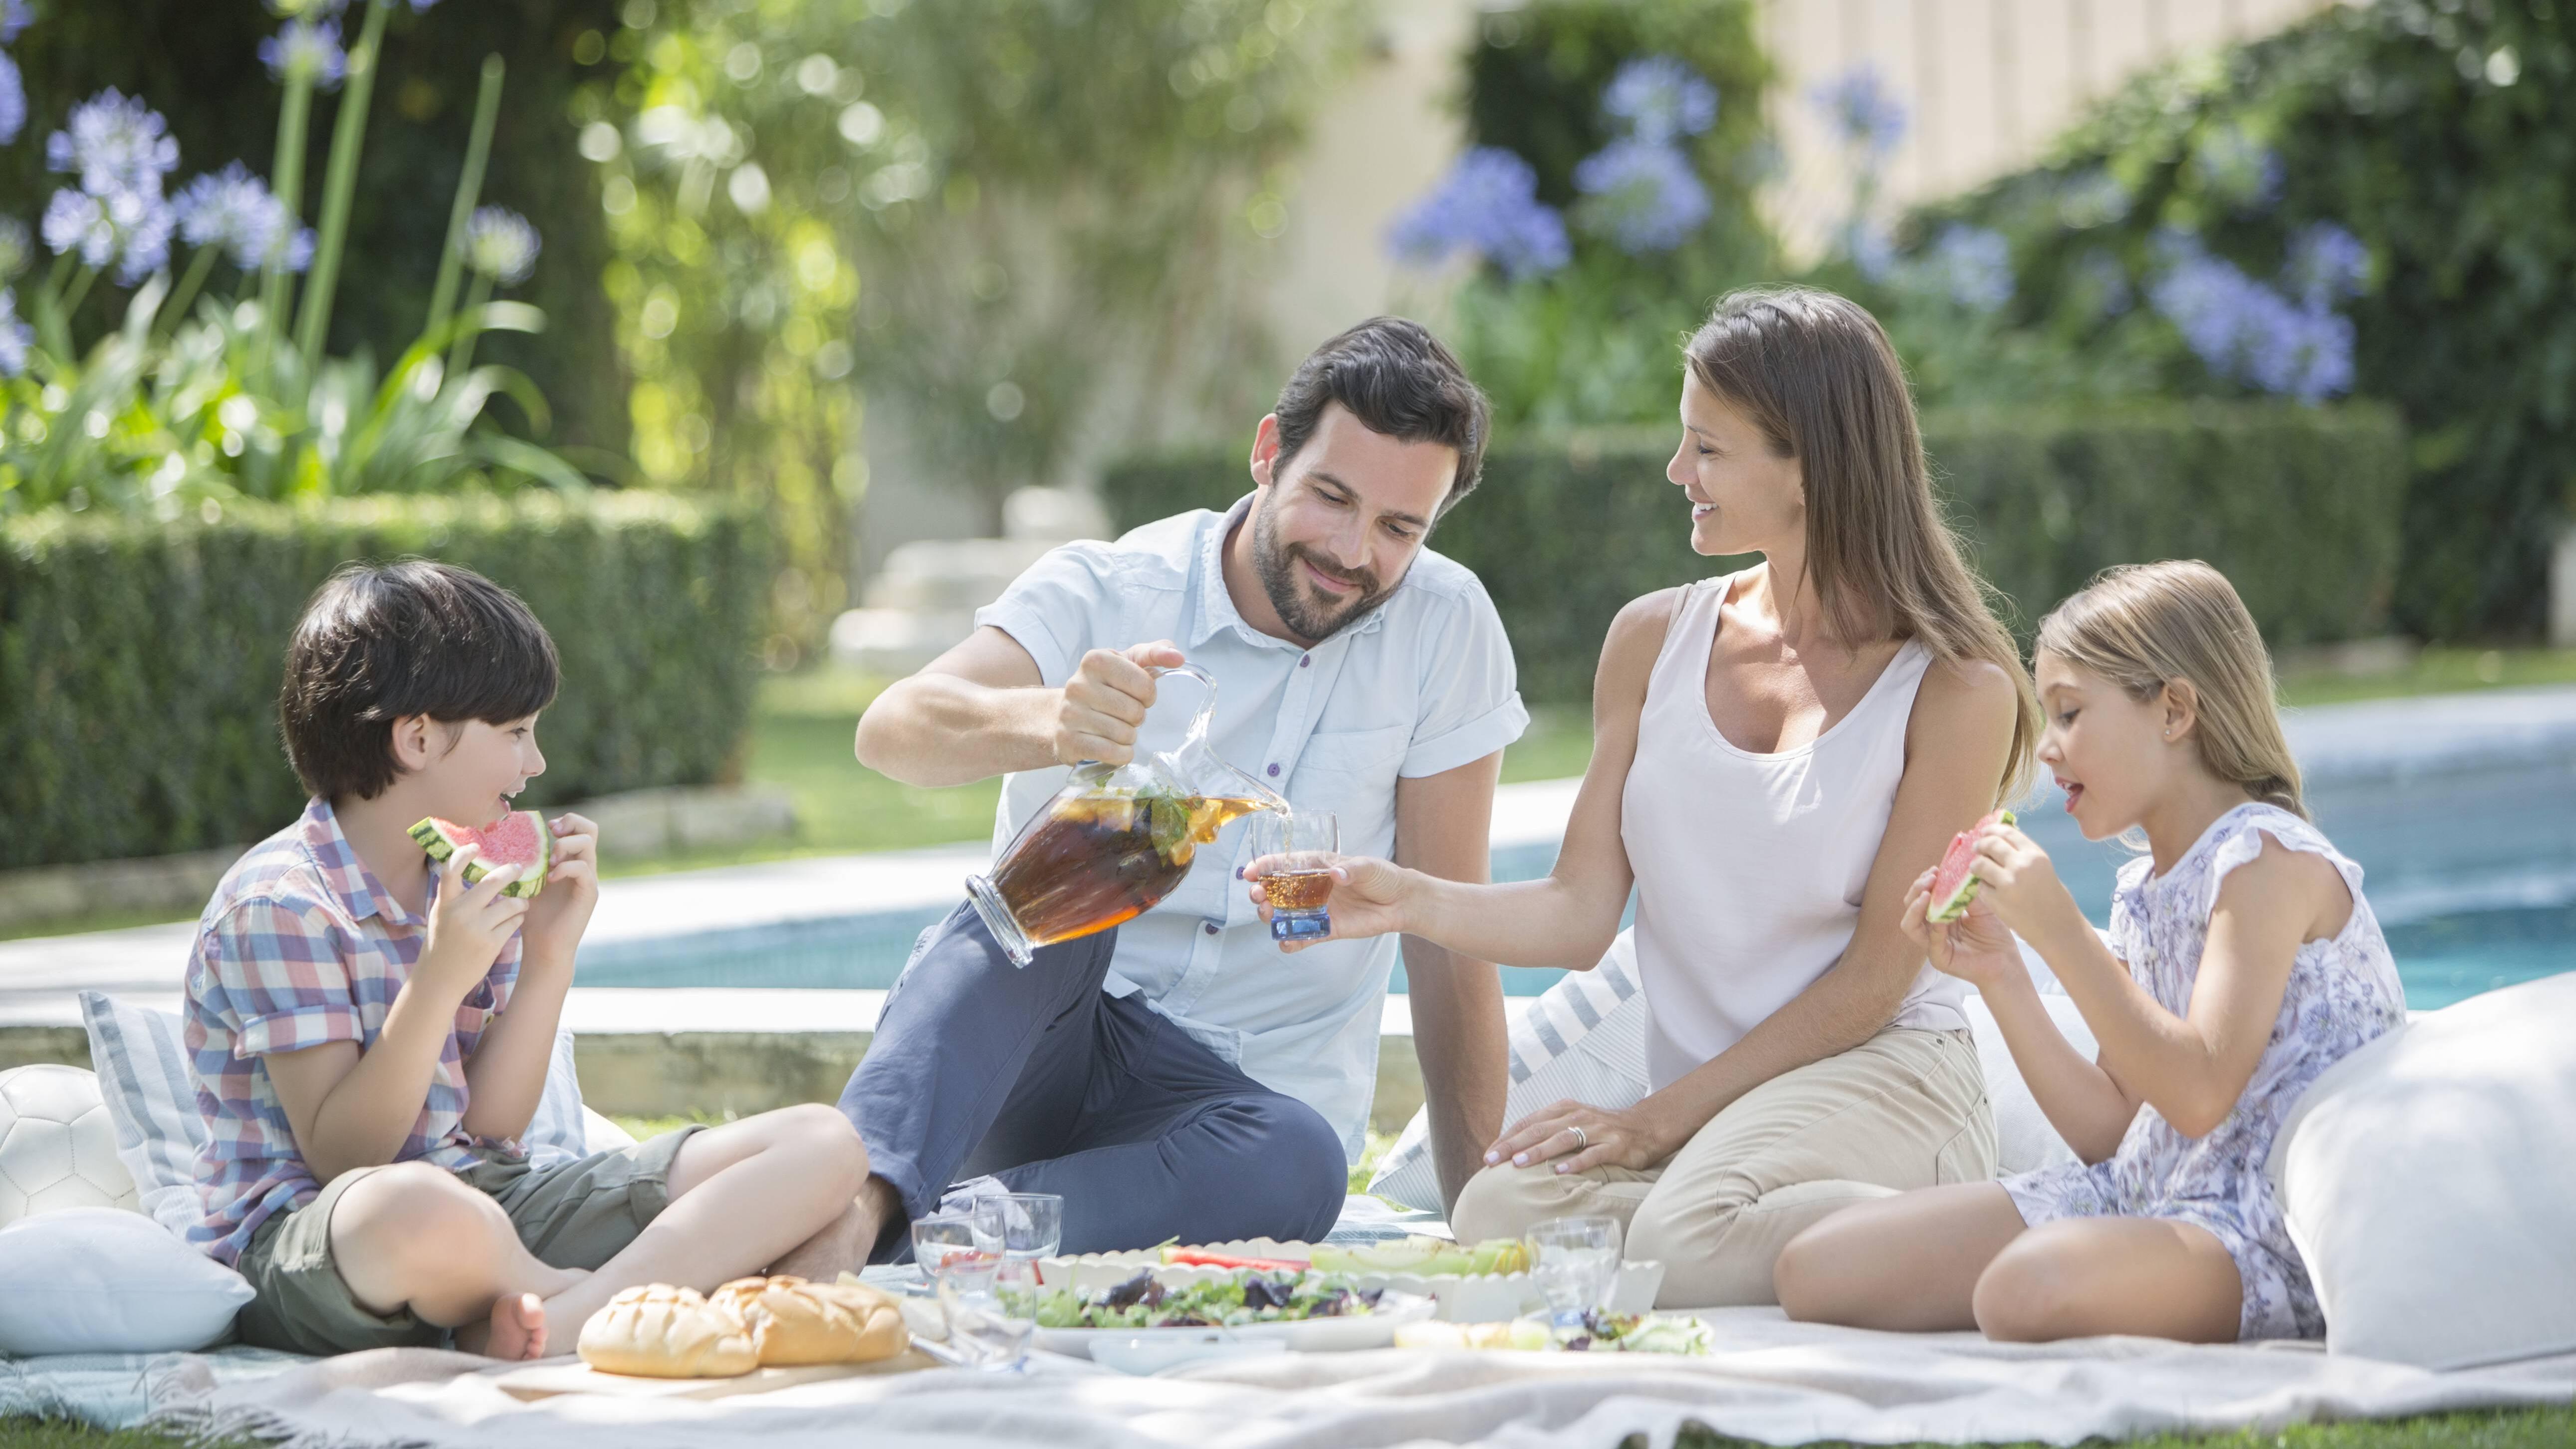 Nutzen Sie Ihren Tagesflug beispielsweise, um ein Picknick in der Natur zu genießen.